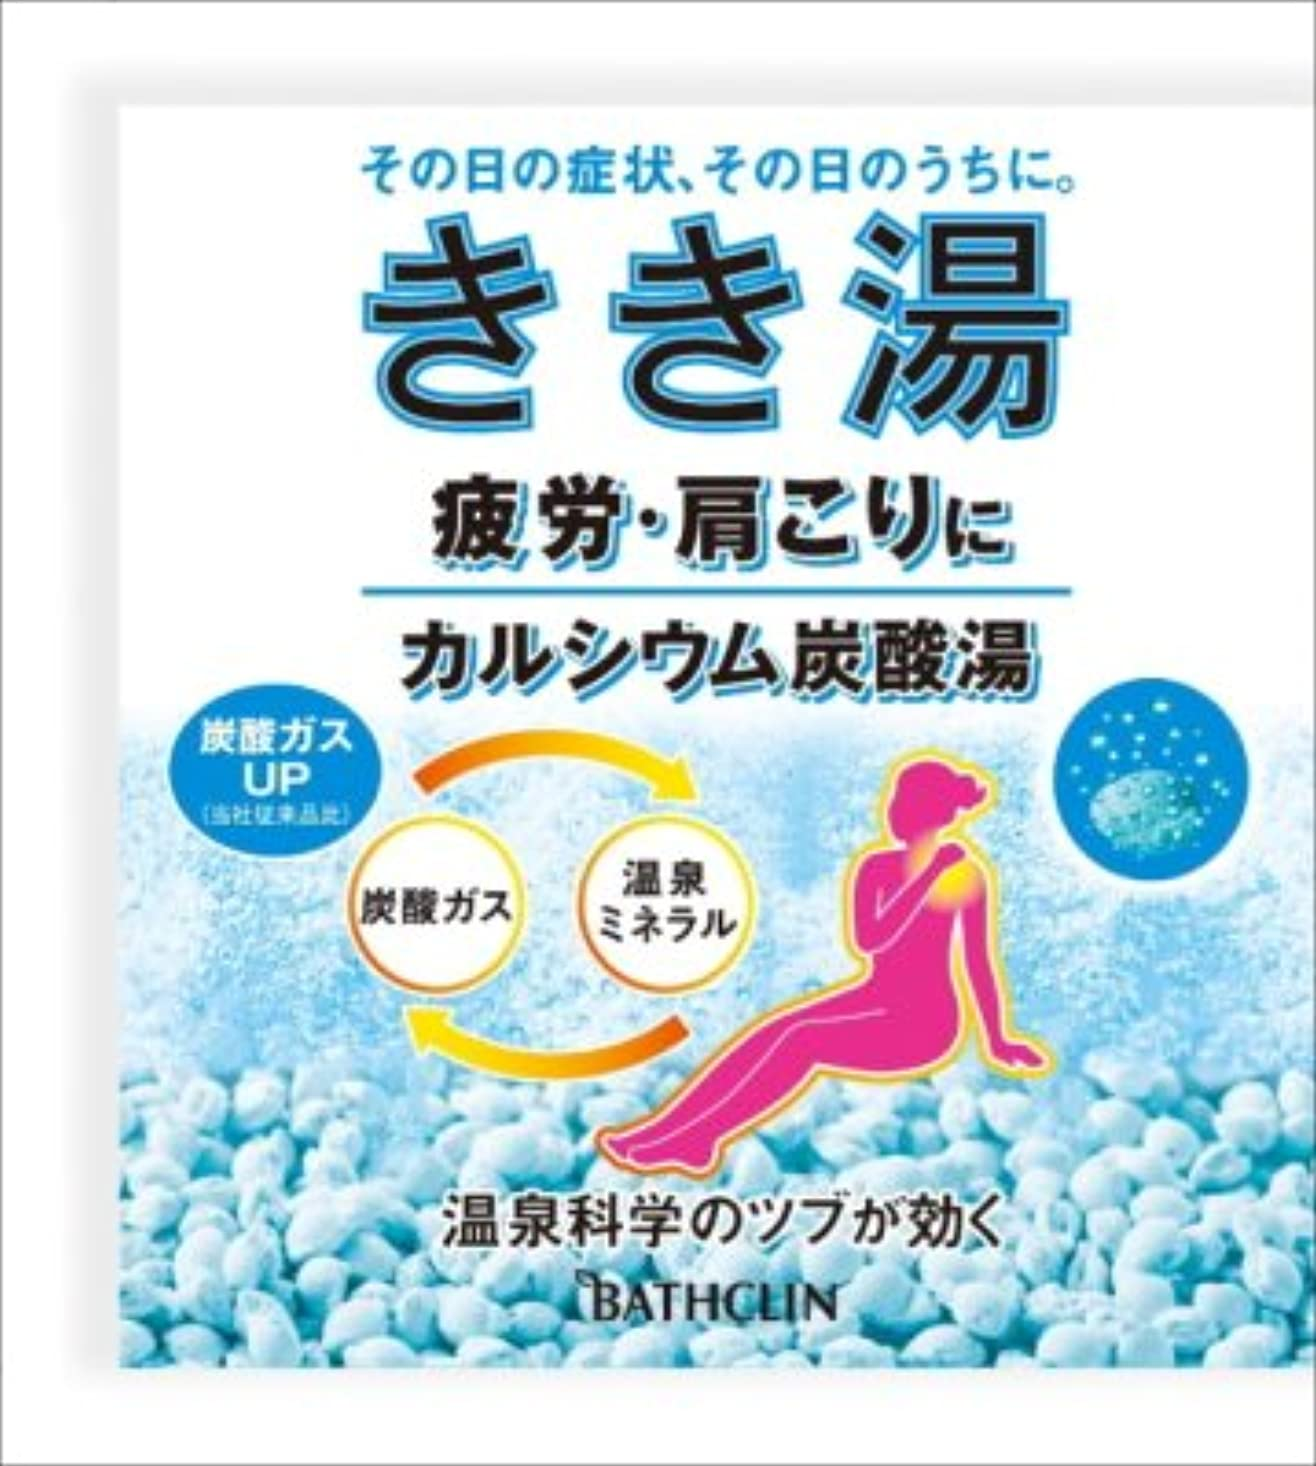 動かないオーク植木バスクリン きき湯 カルシウム炭酸湯 30g ×120個セット 青空色のお湯(透明タイプ) 気分のんびりラムネの香り 入浴剤